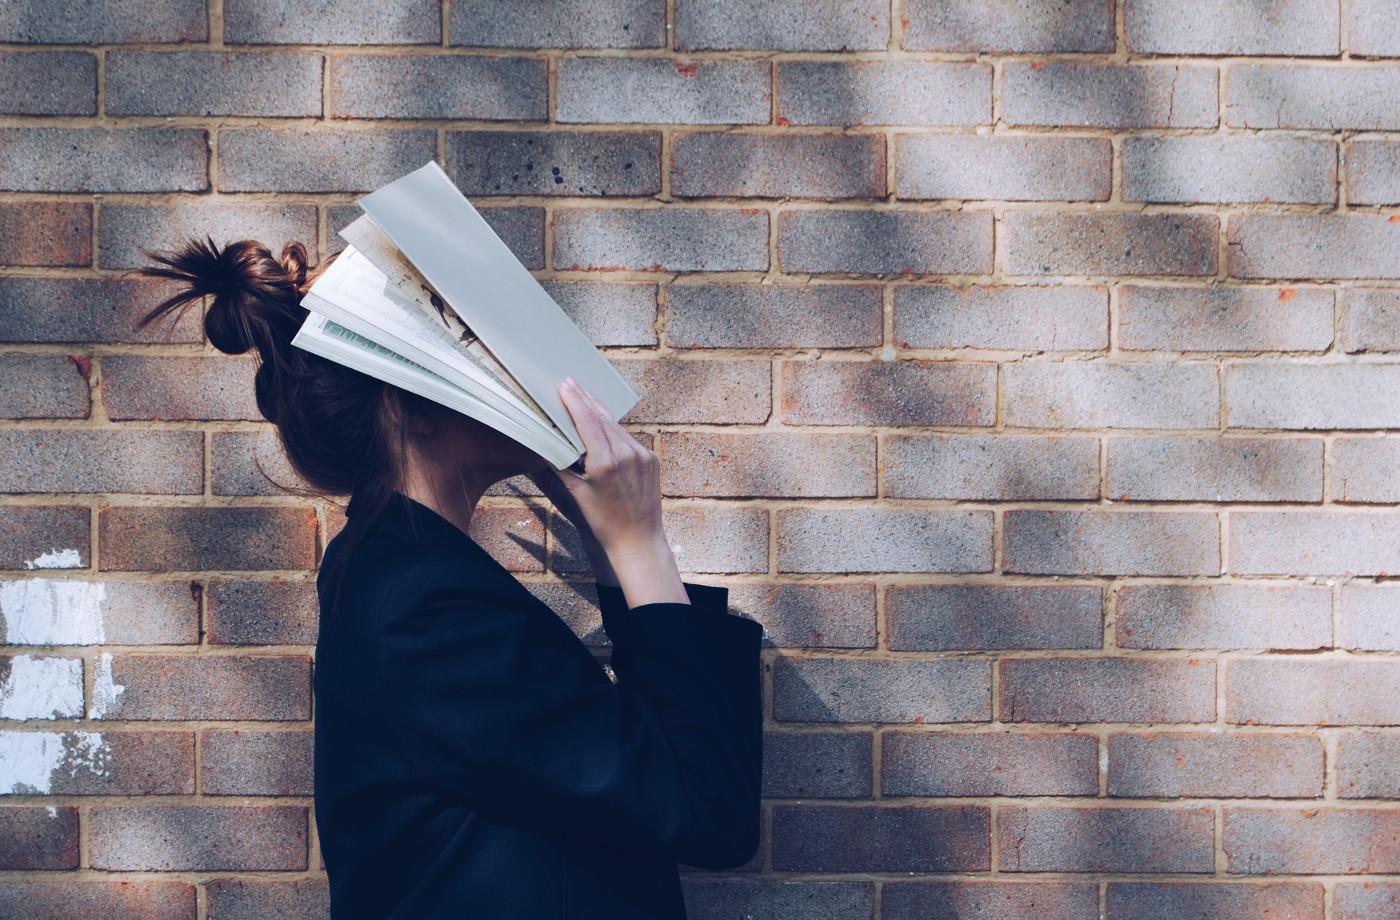 Der Mensch und sein Weib - Eine Frau steht seitlich von einer Backsteinmauer und hat sich mit beiden Händen ein großes Buch auf das Gesicht gelegt.